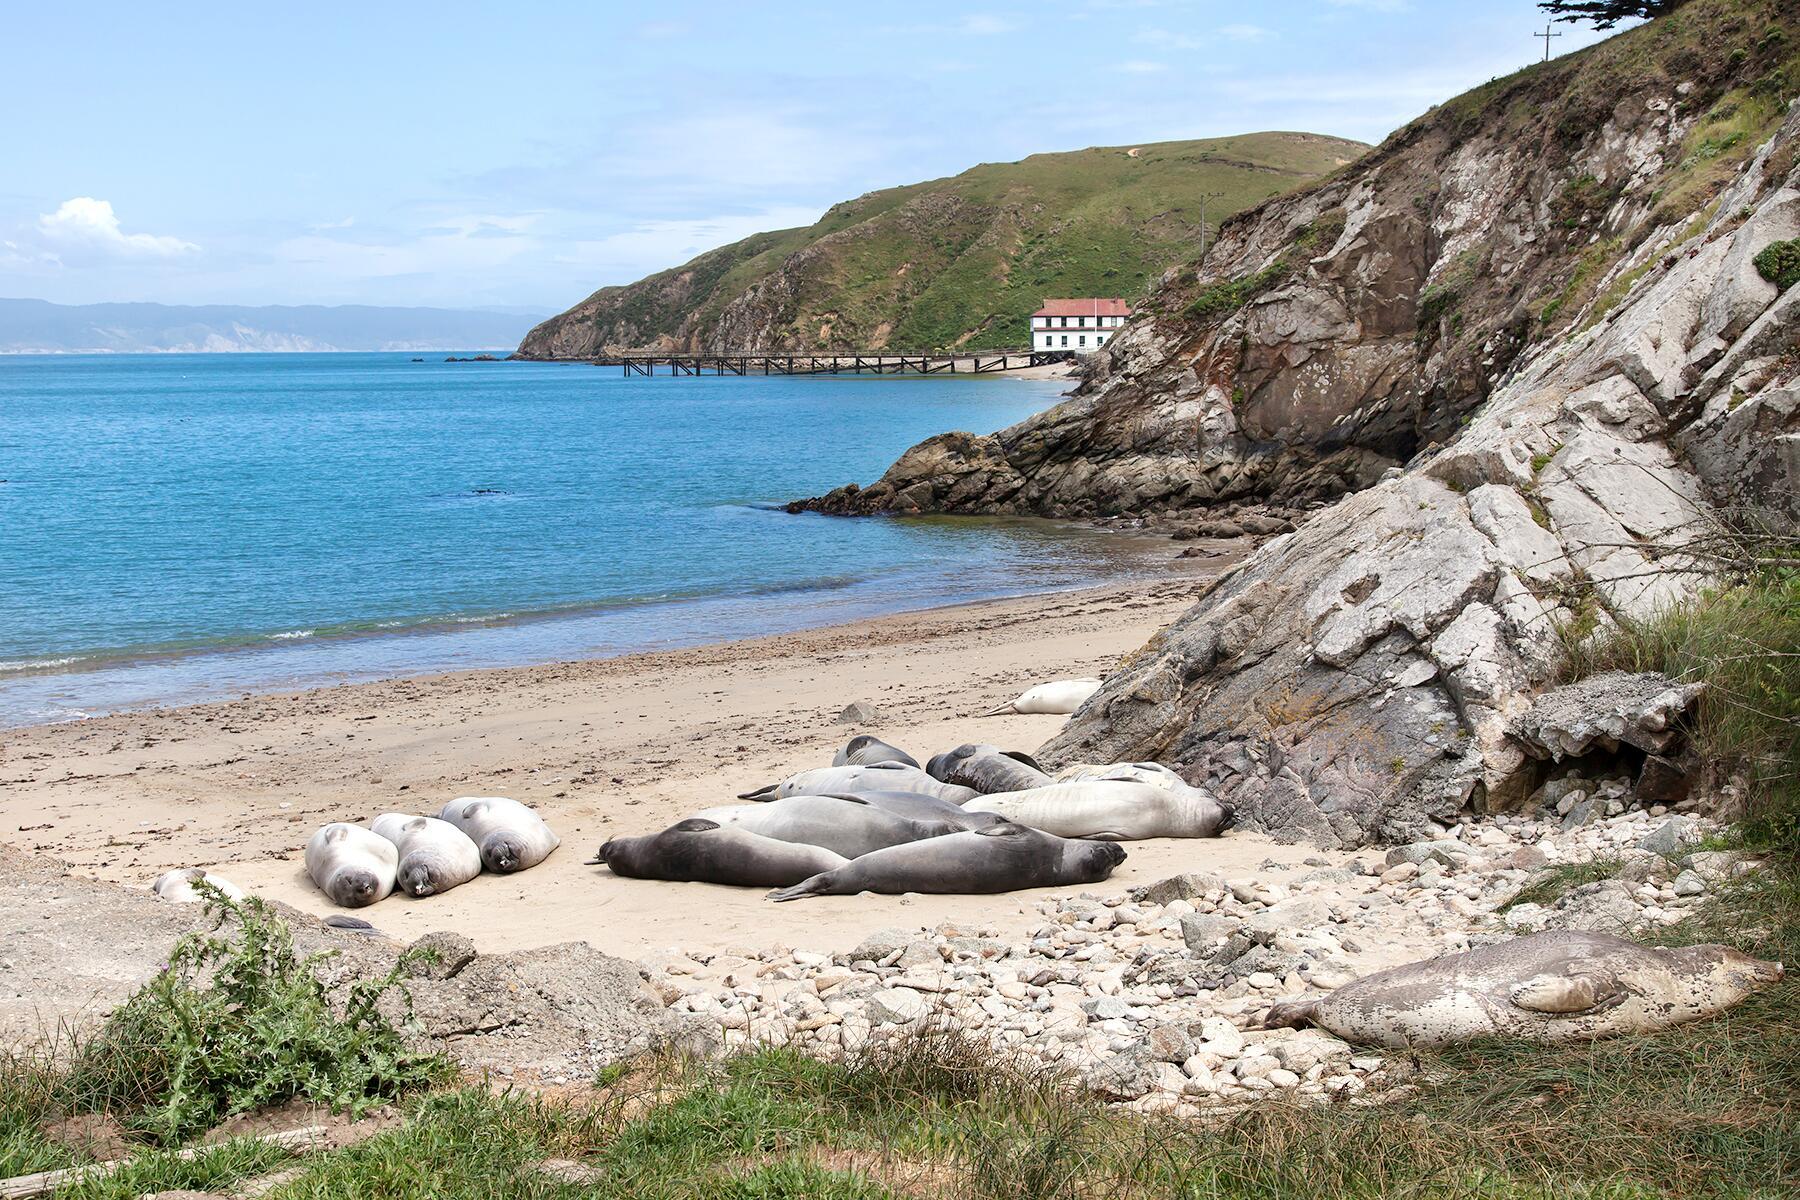 San Francisco to Point Reyes National Seashore & Tomales Bay, California